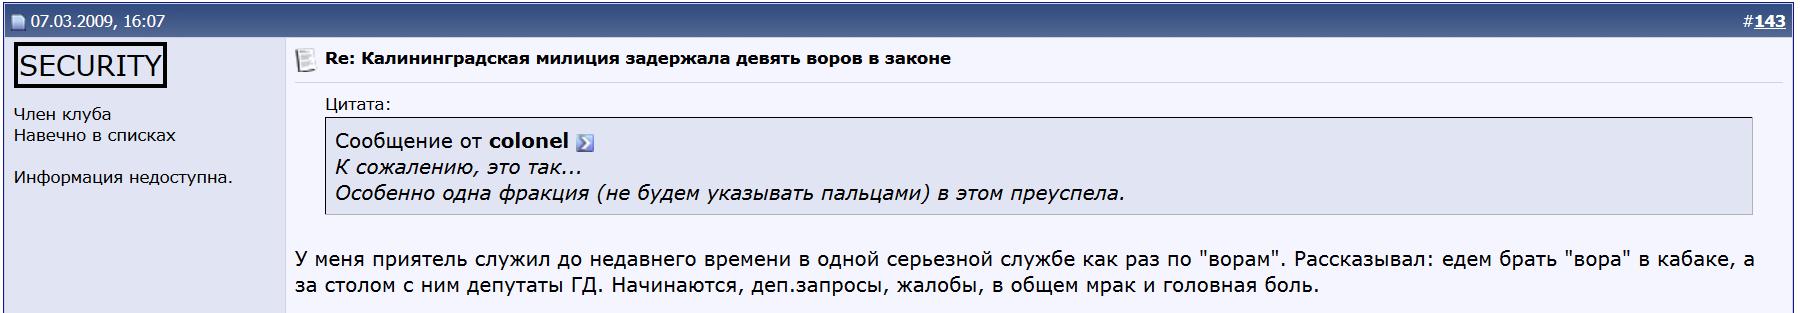 Цитата: Да, верно, будут разные депутатские запросы, а то и объективные статьи в СМИ